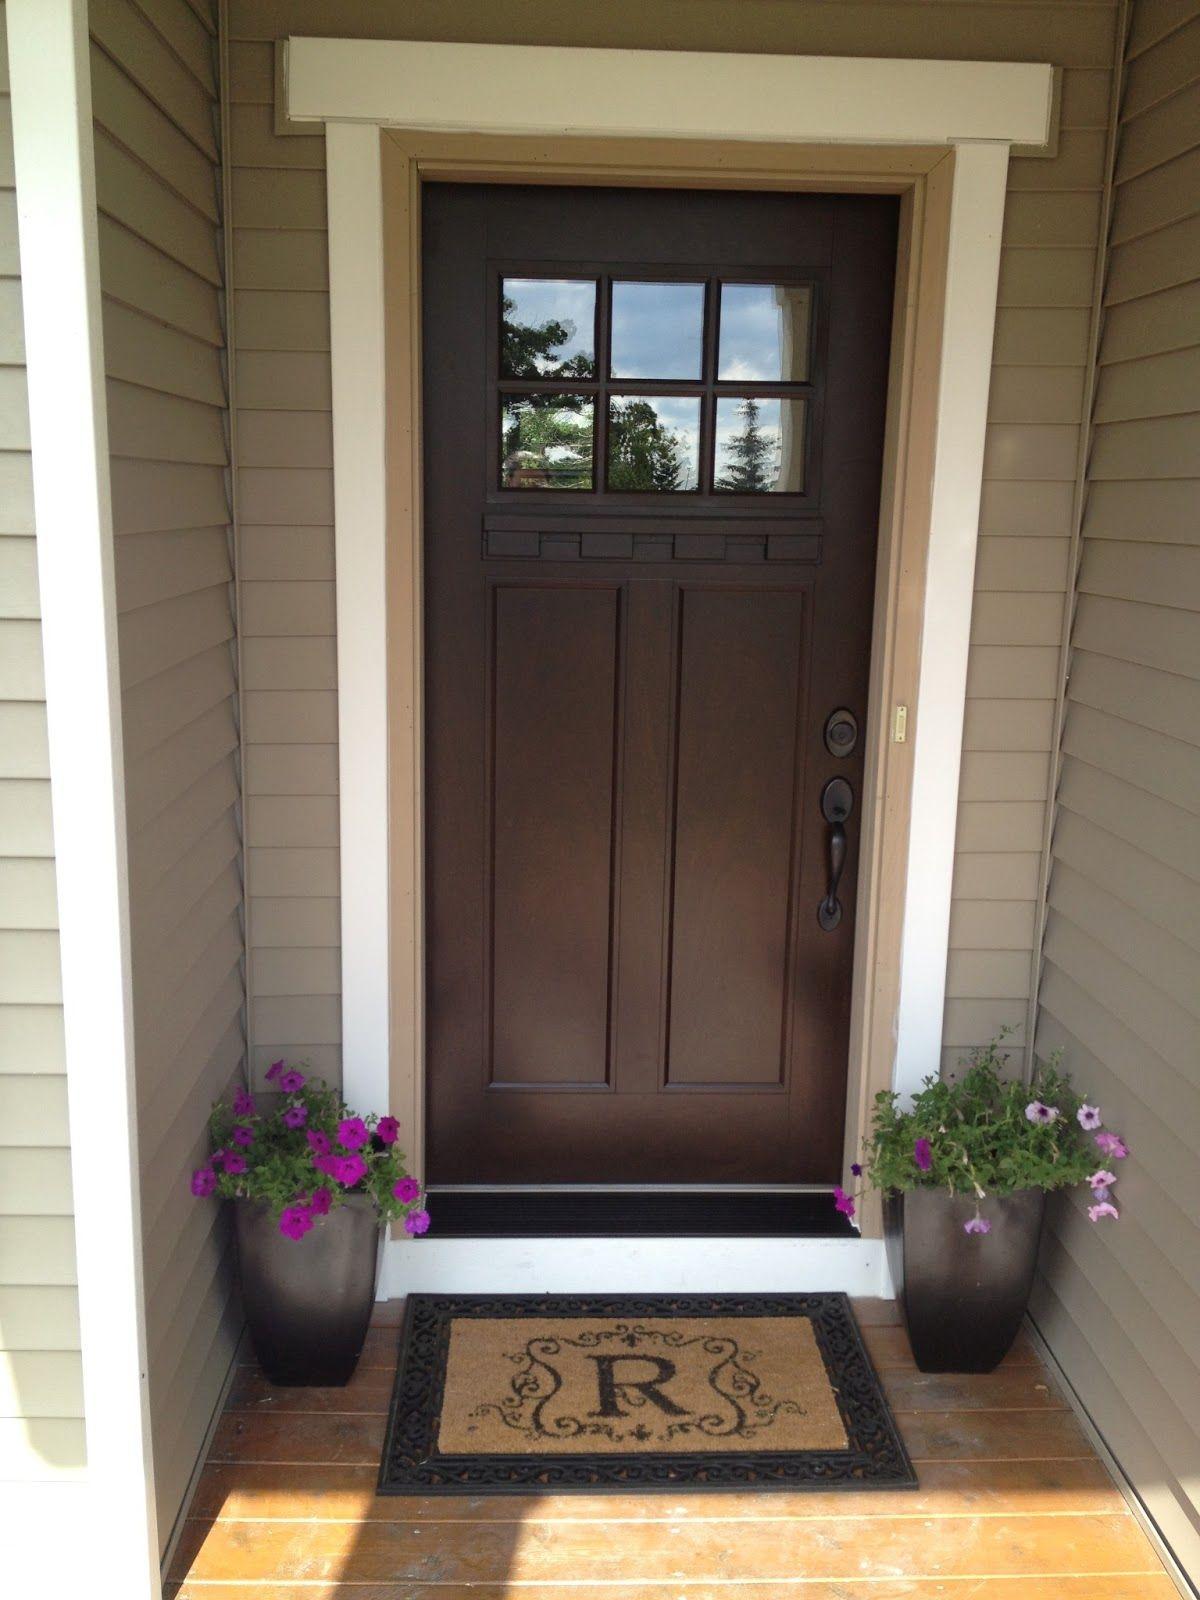 1967 chevrolet chevelle ss 396 2 door hardtop front 3 4 44313 - We Can Paint Our Front Door Chestnut And Then Add A New Screen Door Wooden